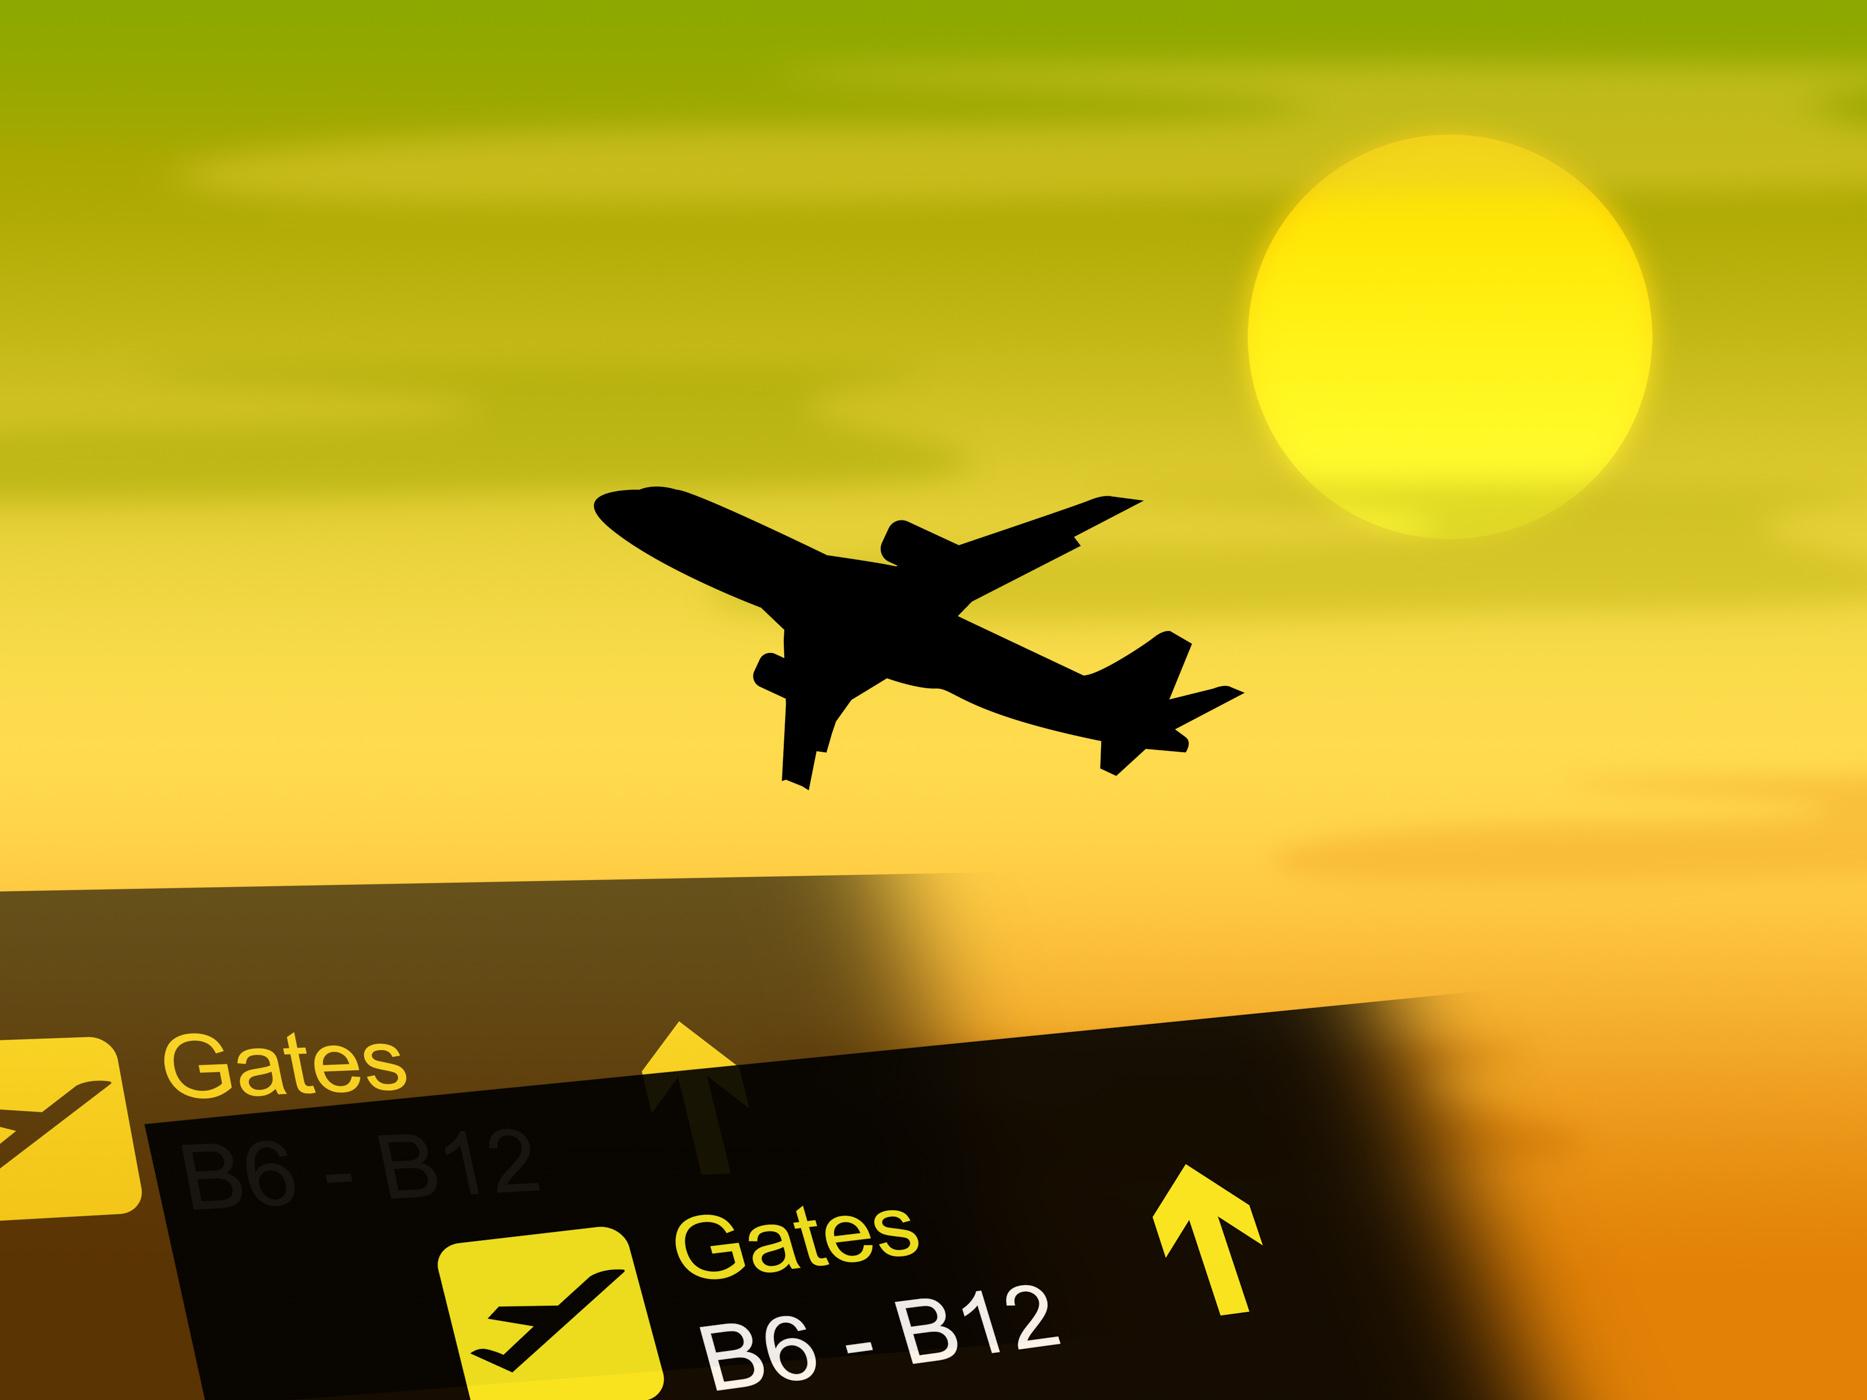 Flight Vacation Shows Vacationing Transportation And Flights, Holiday, Vacationing, Vacational, Vacation, HQ Photo